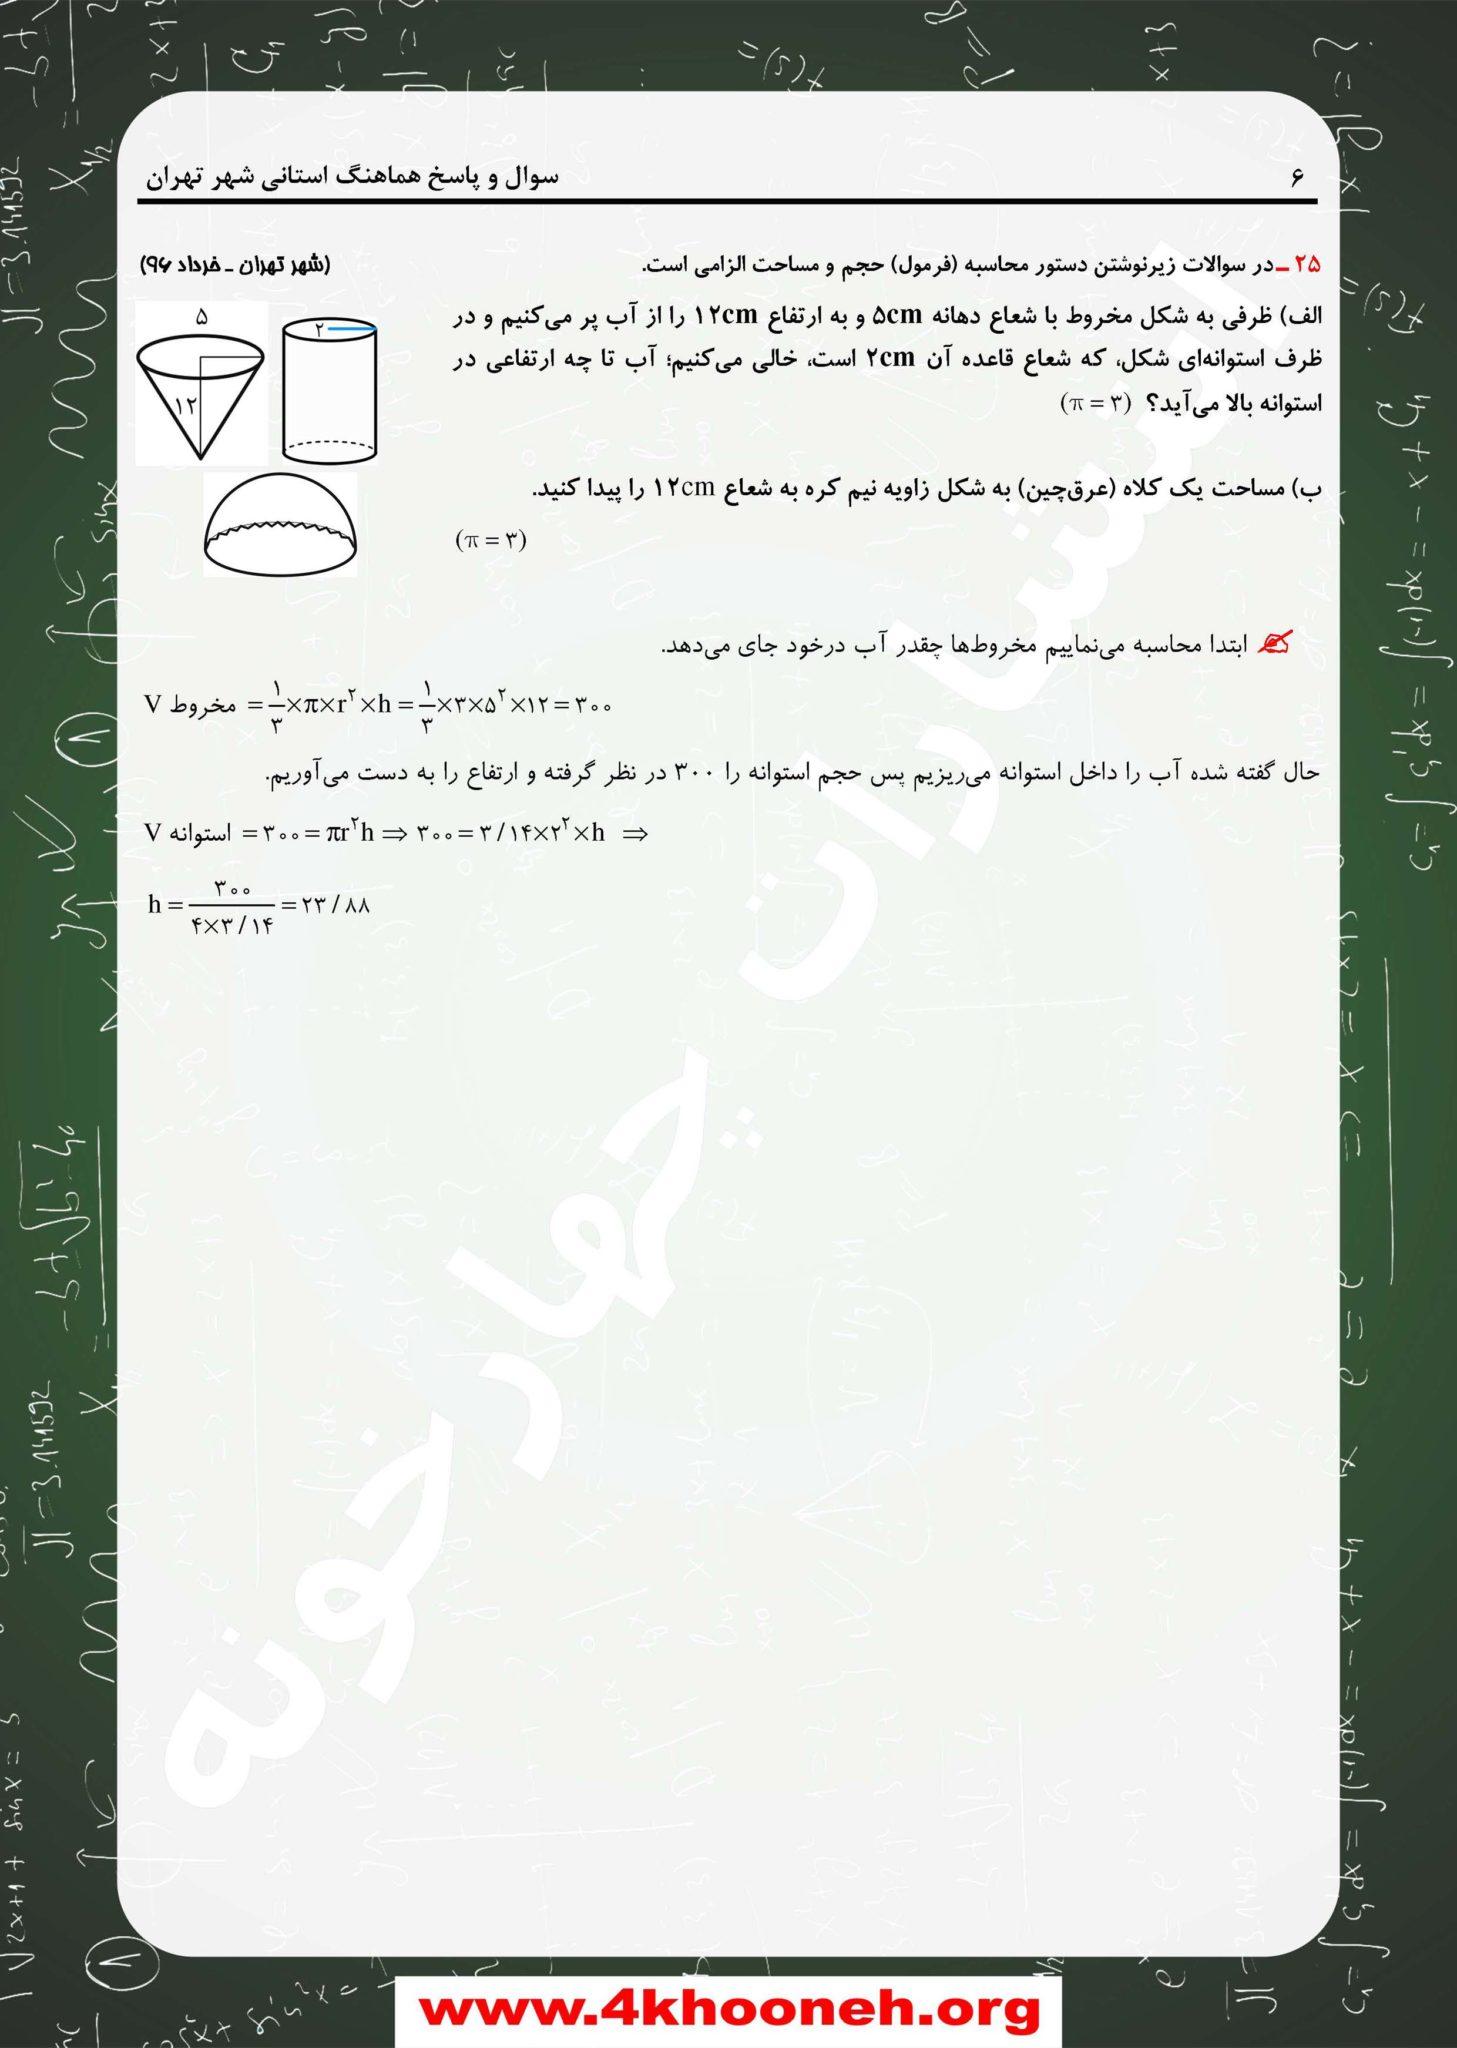 سوالات هماهنگ ریاضی نهم(شهر تهران96)